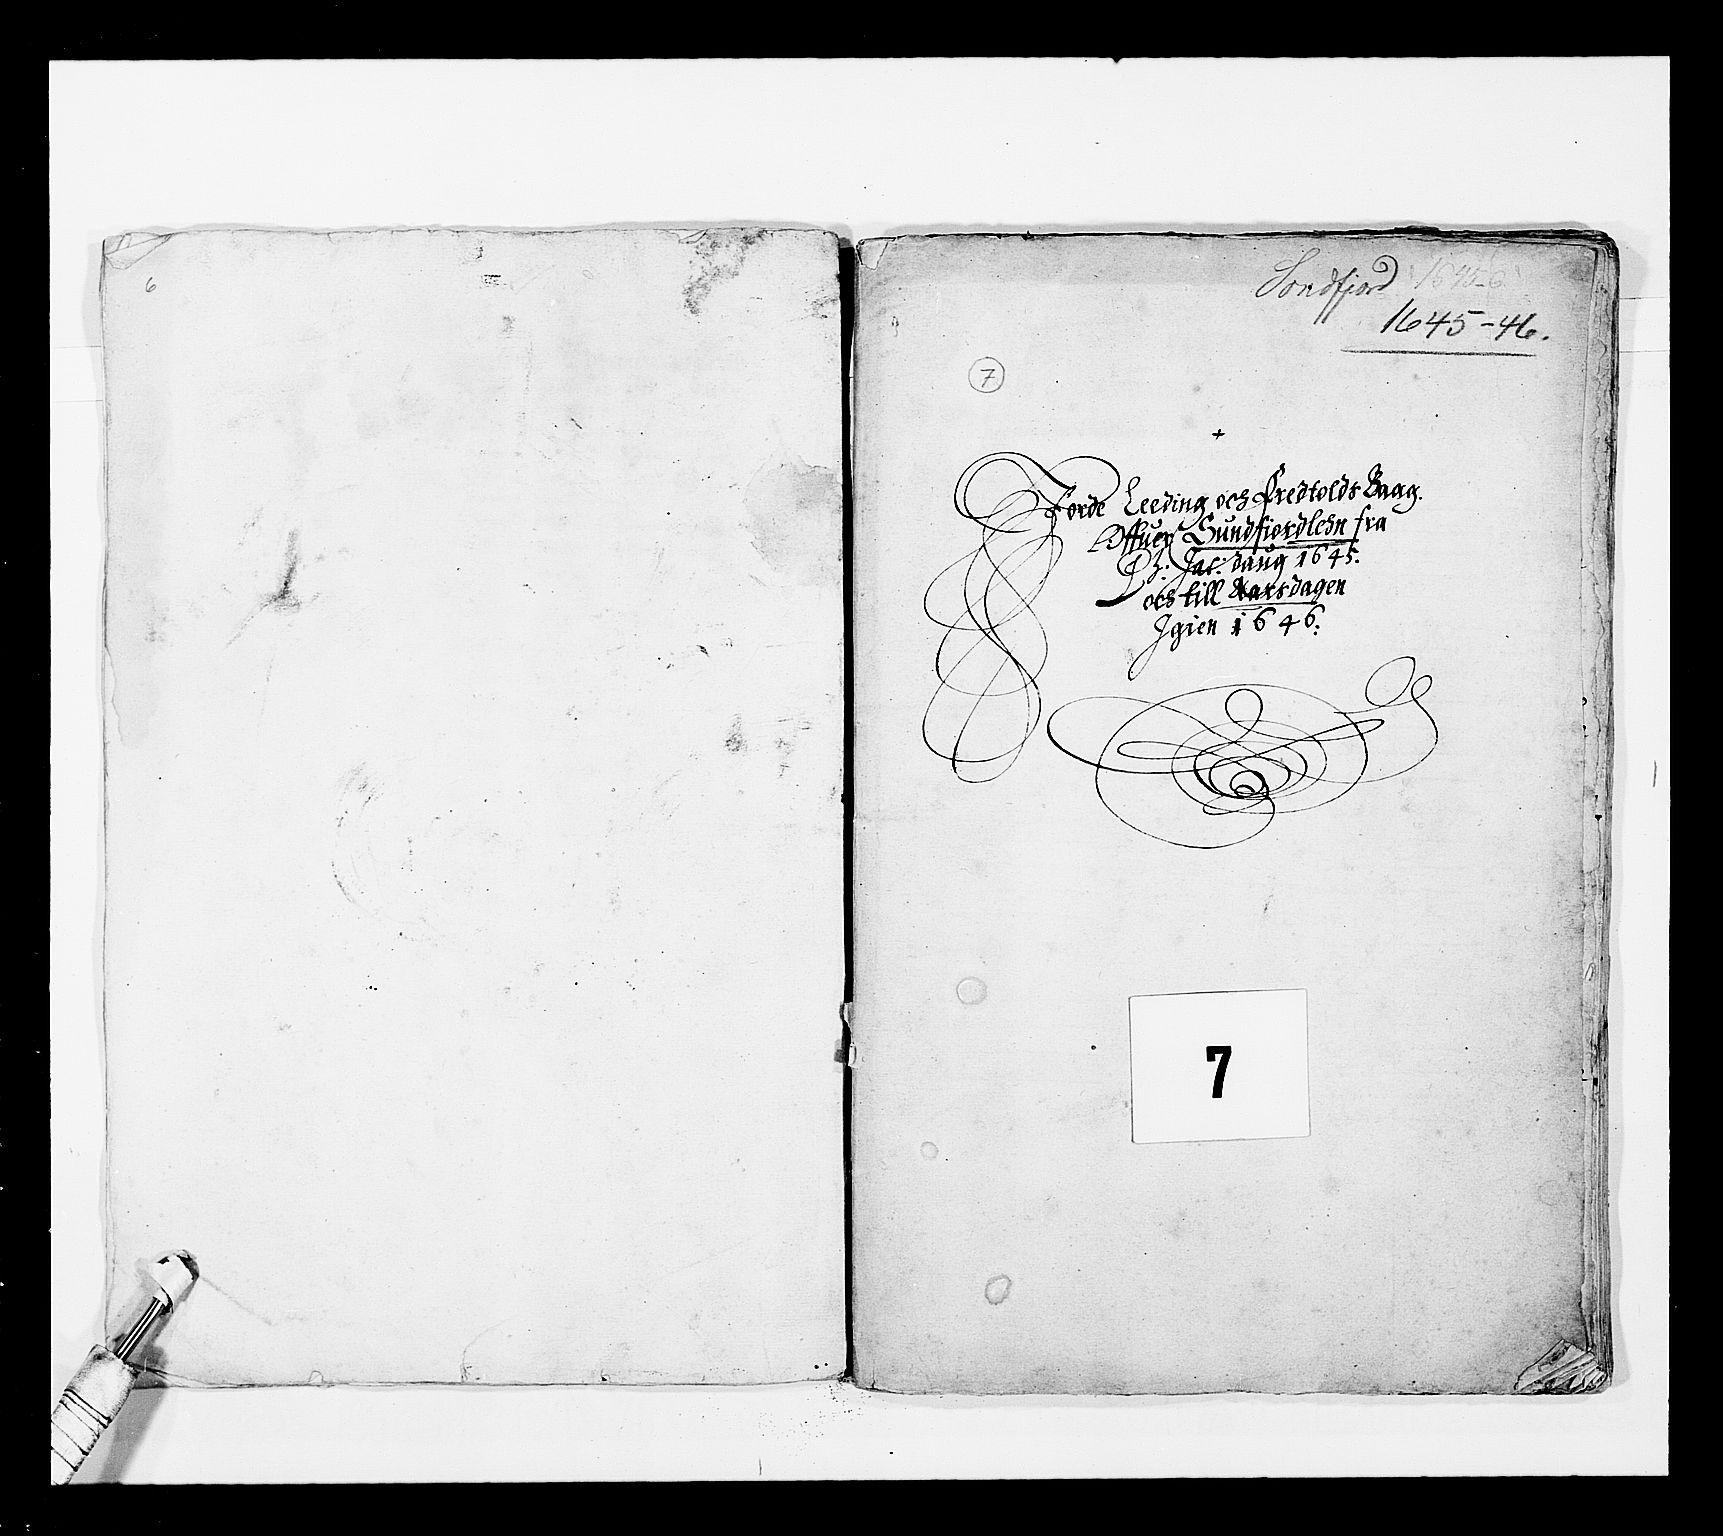 RA, Stattholderembetet 1572-1771, Ek/L0025: Jordebøker 1633-1658:, 1645-1646, s. 149